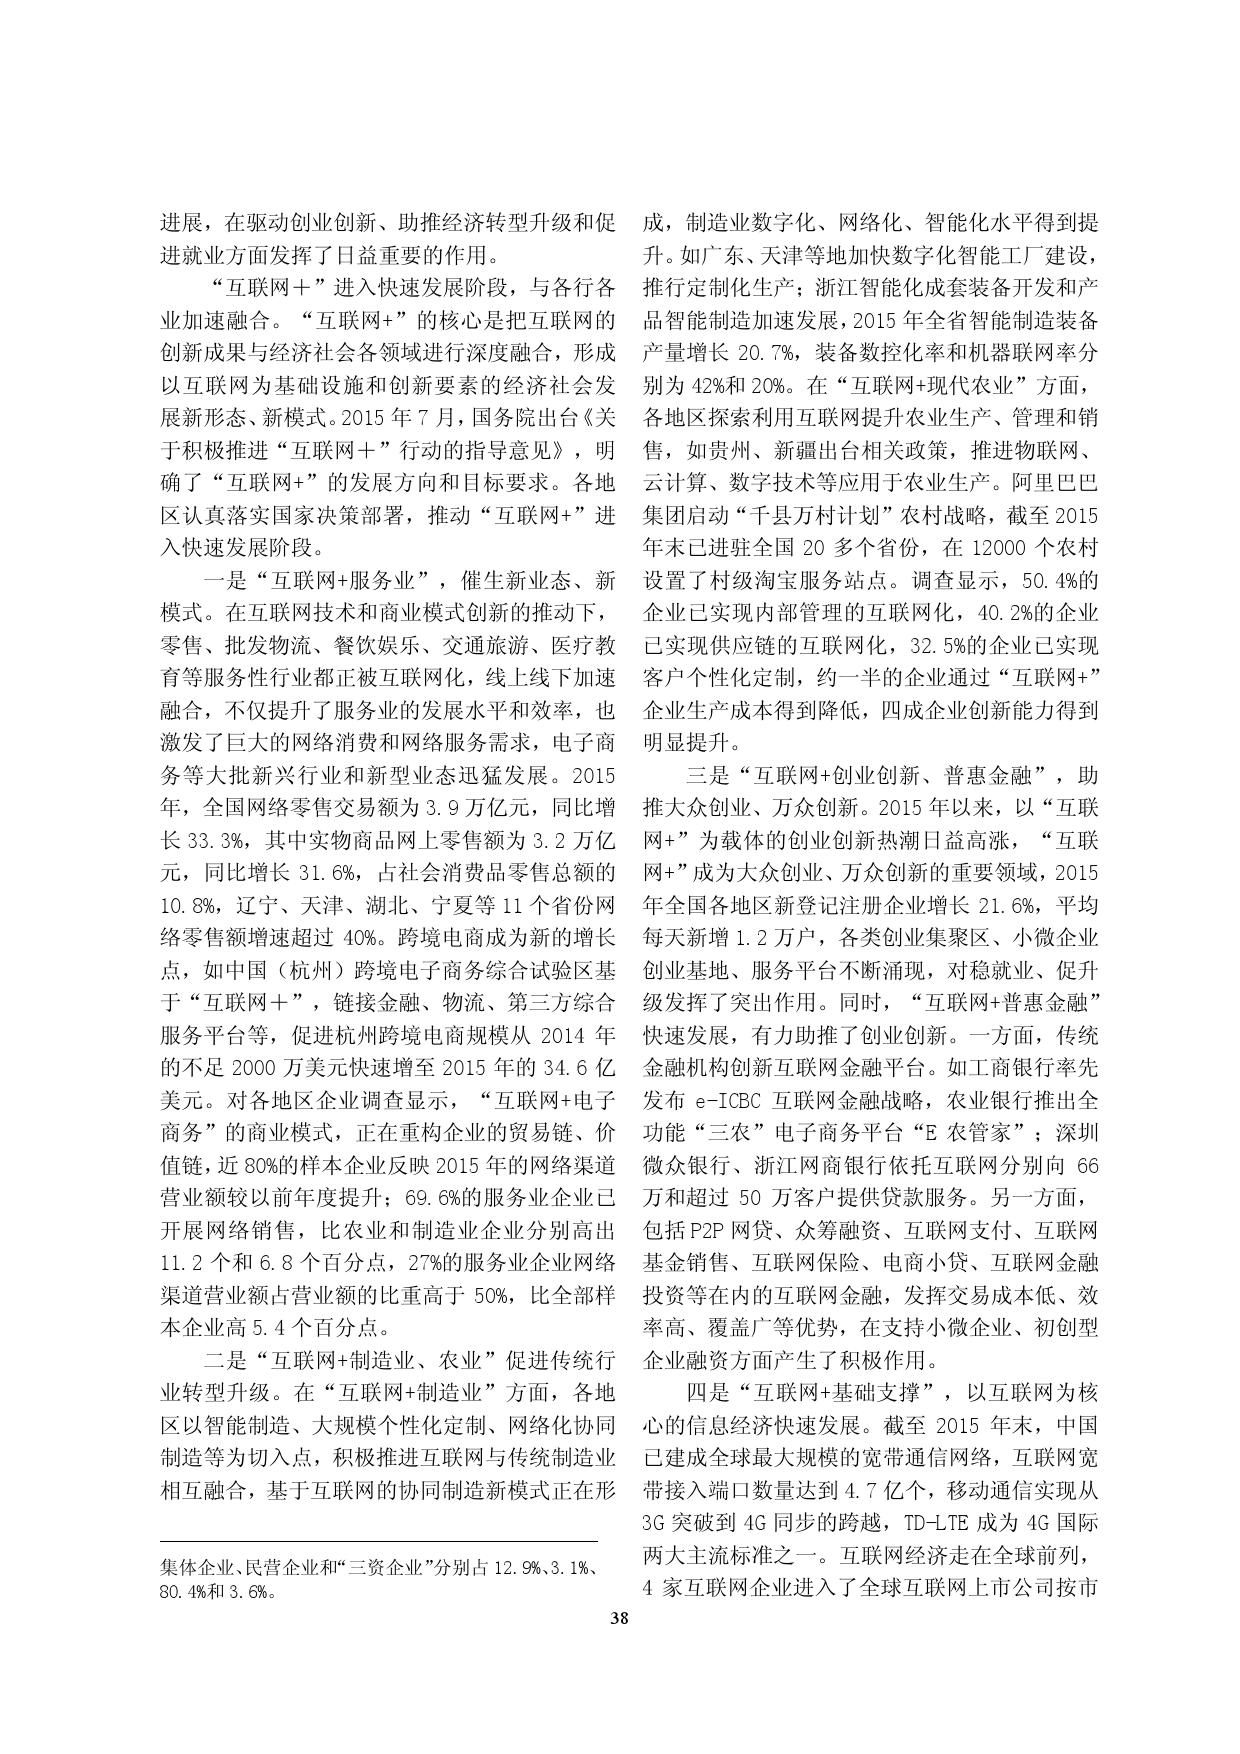 2015年中国区域金融运行报告_000041